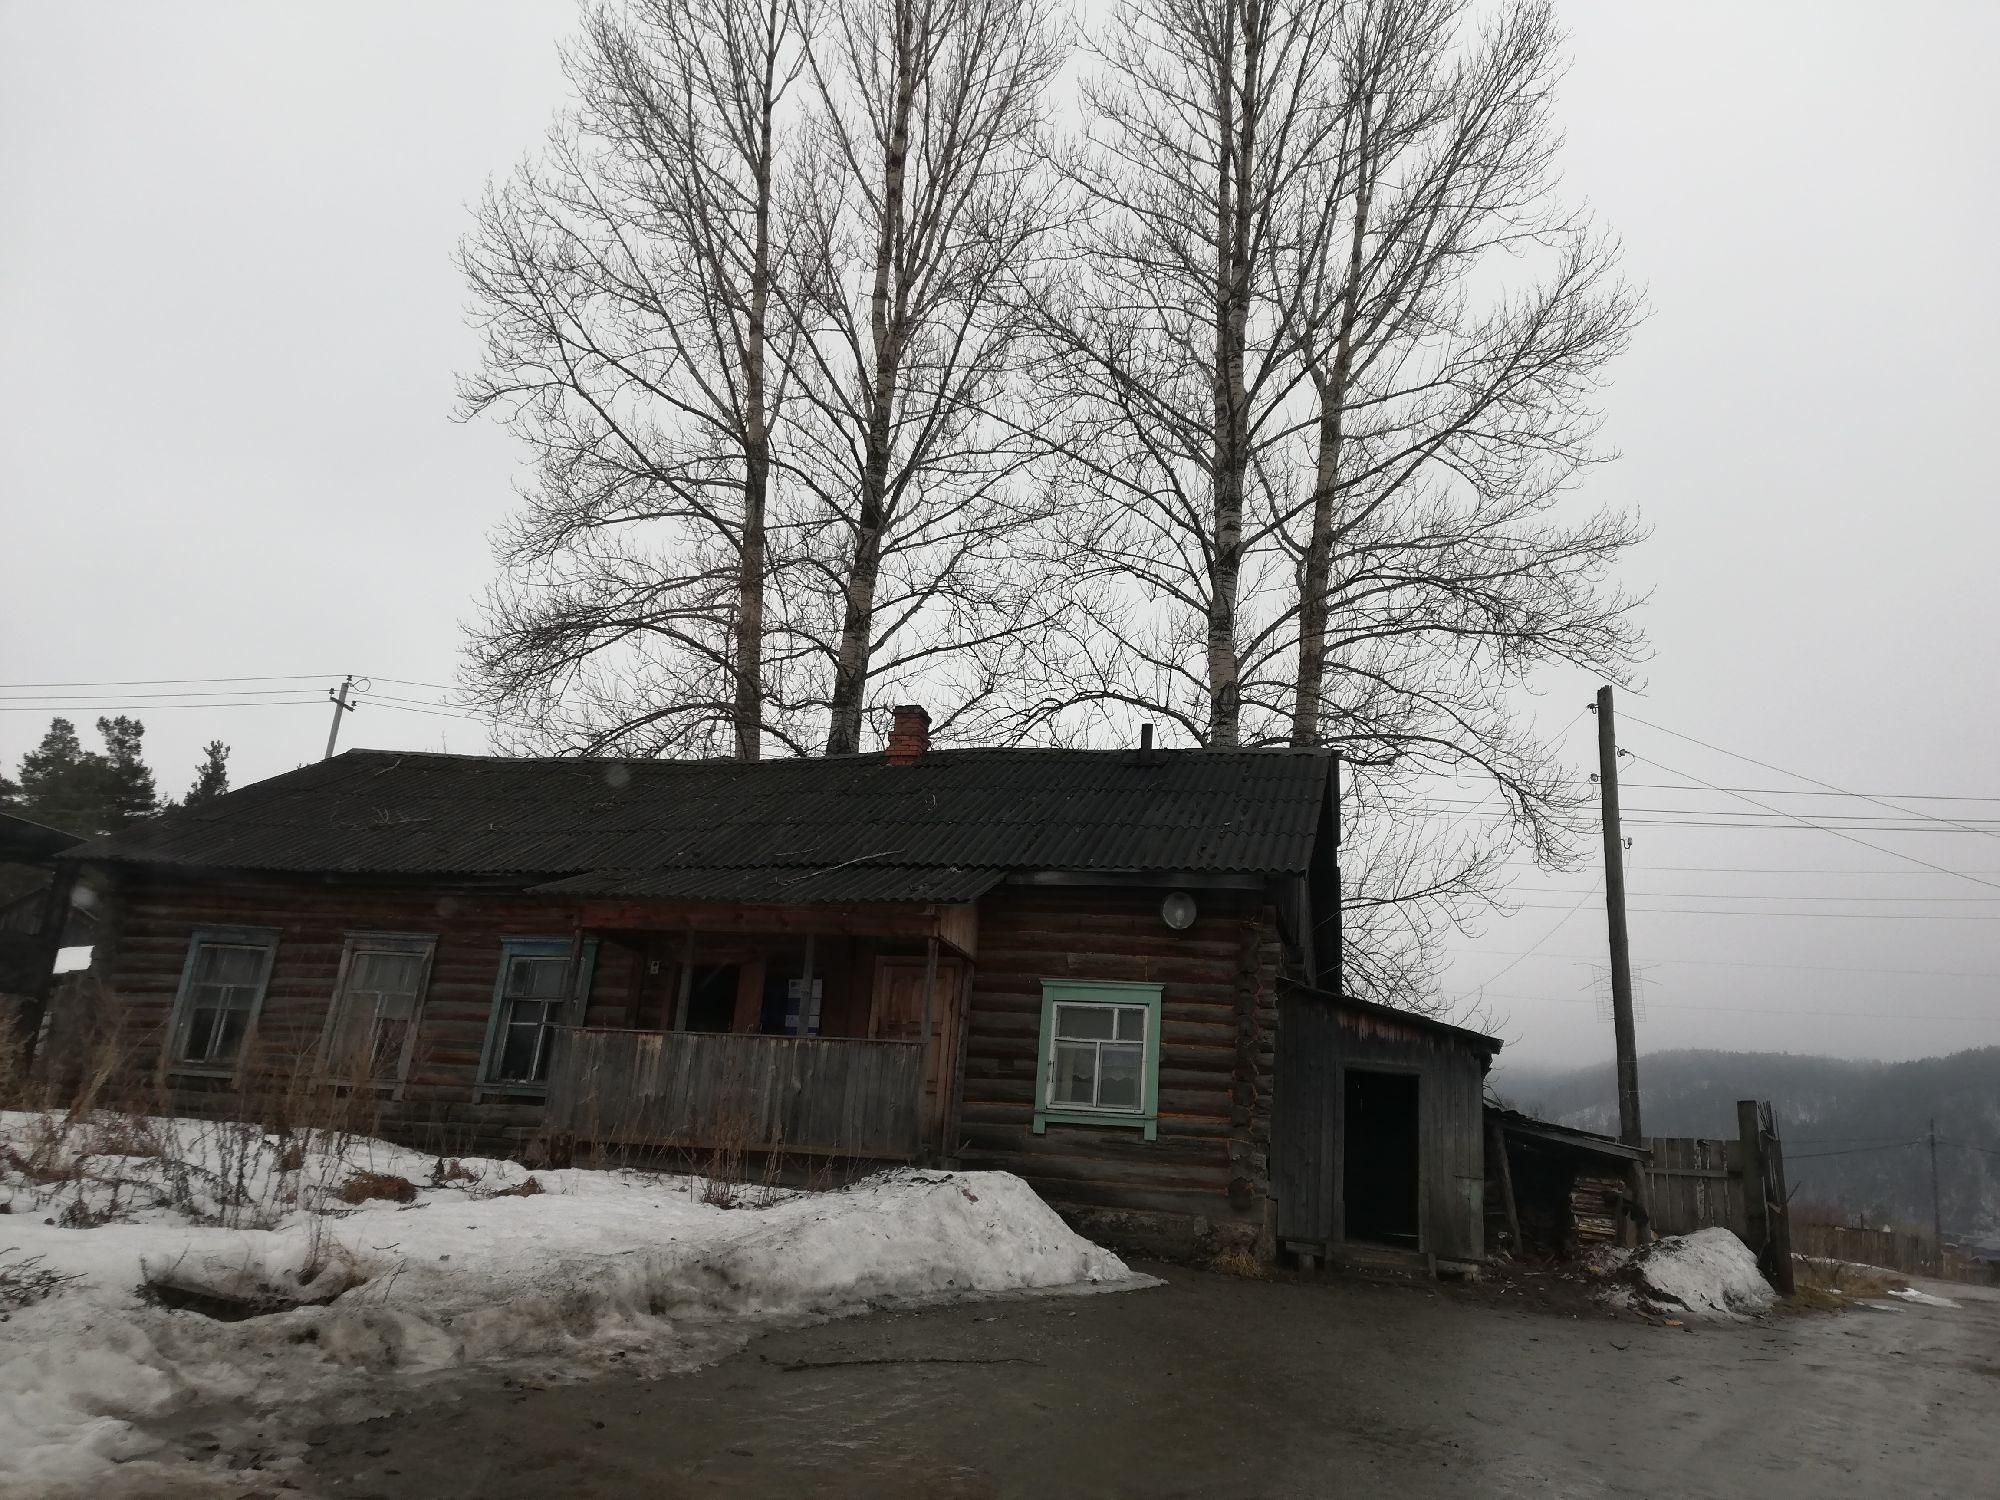 А вот в этом домике и располагается наше маленькое отделение Куса-2